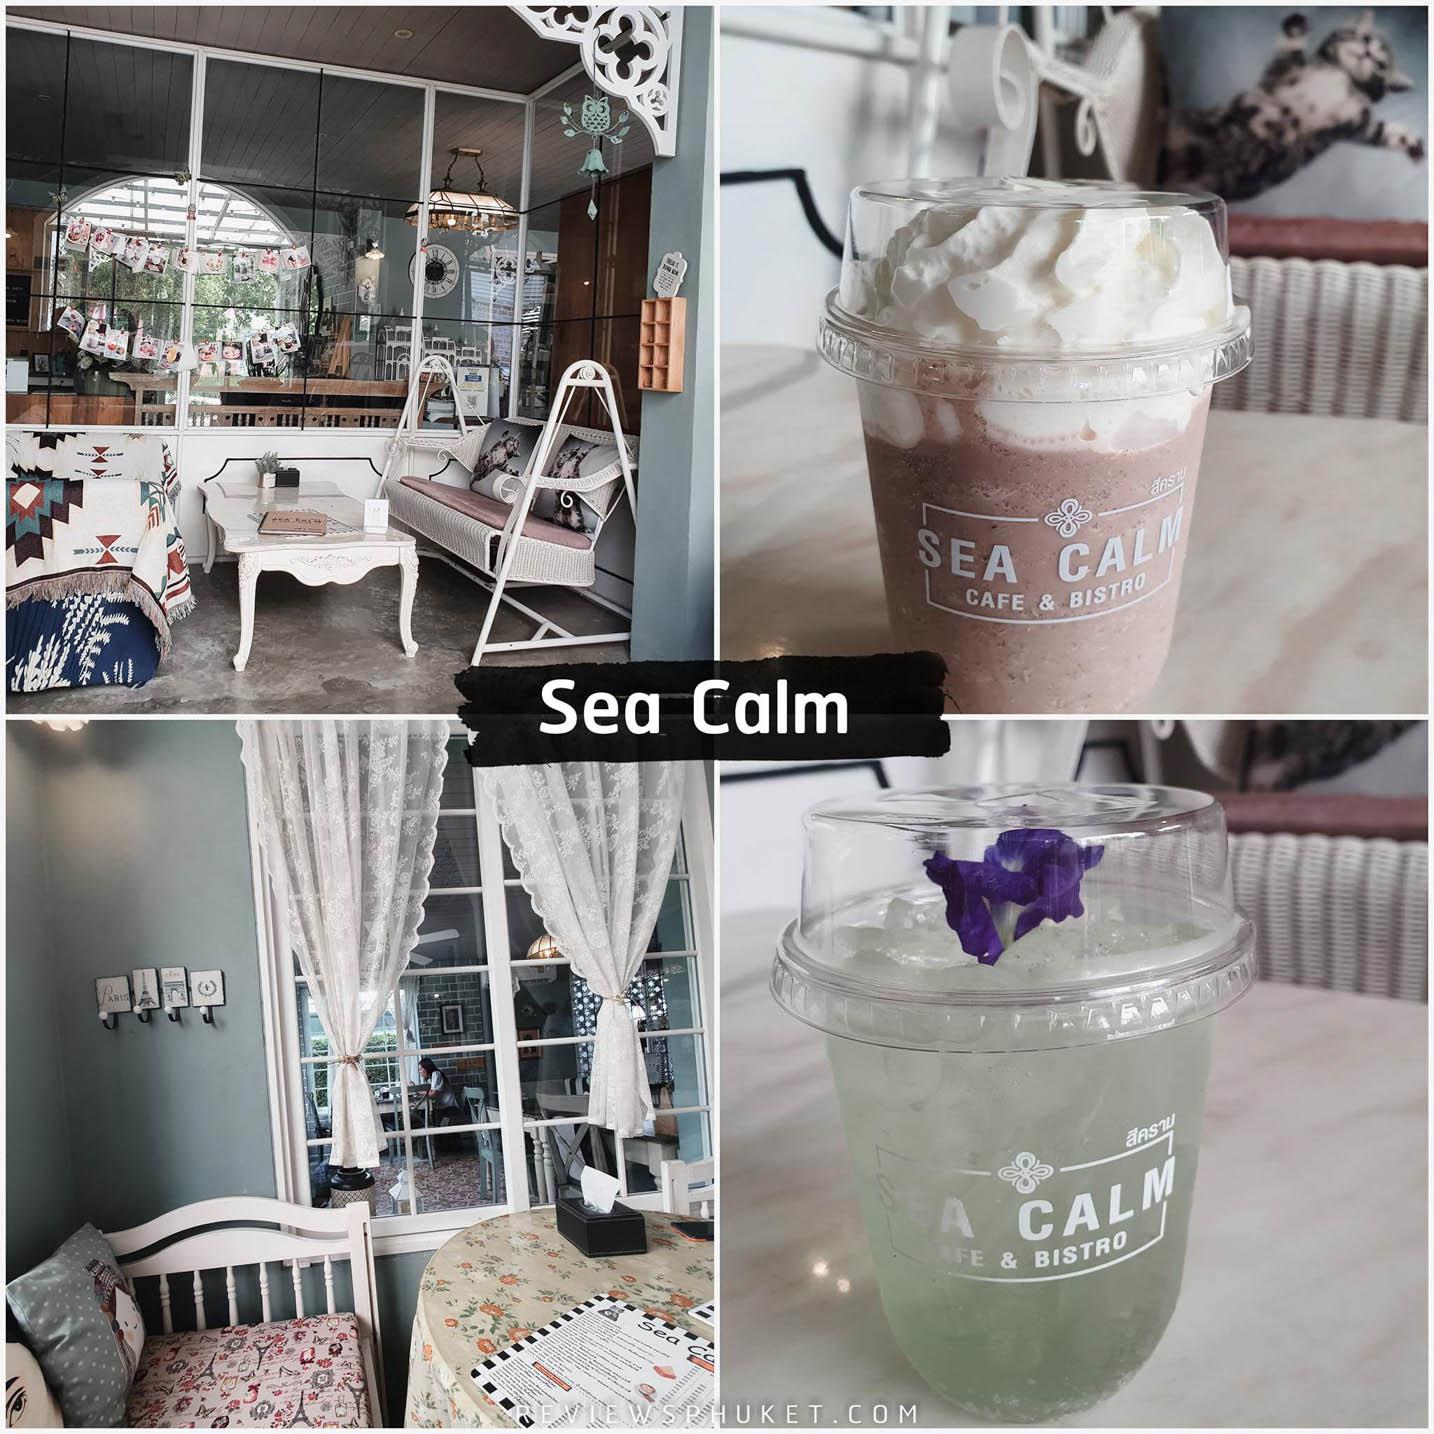 Sea Calm cafe&bistro สายคาเฟ่ห้ามพลาด อาหารอร่อย ร้านน่ารักๆตกแต่งสไตล์ฝรั่งเศสถ่ายรูปกันเพลินเลยย